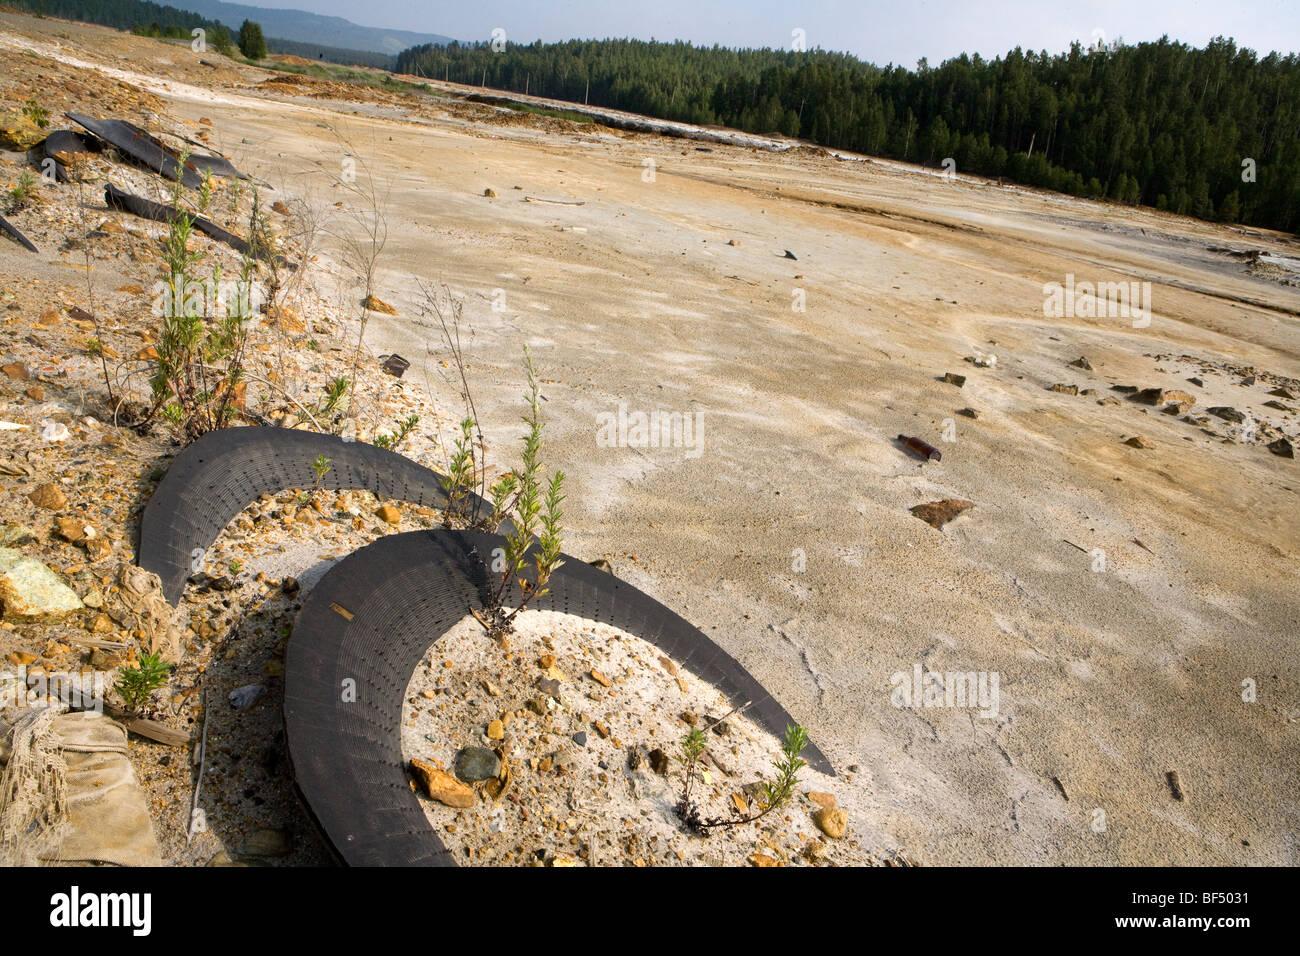 En faisant l'pneus déchets industriels sur les terres polluées, Karabash, Oural, Russie Photo Stock